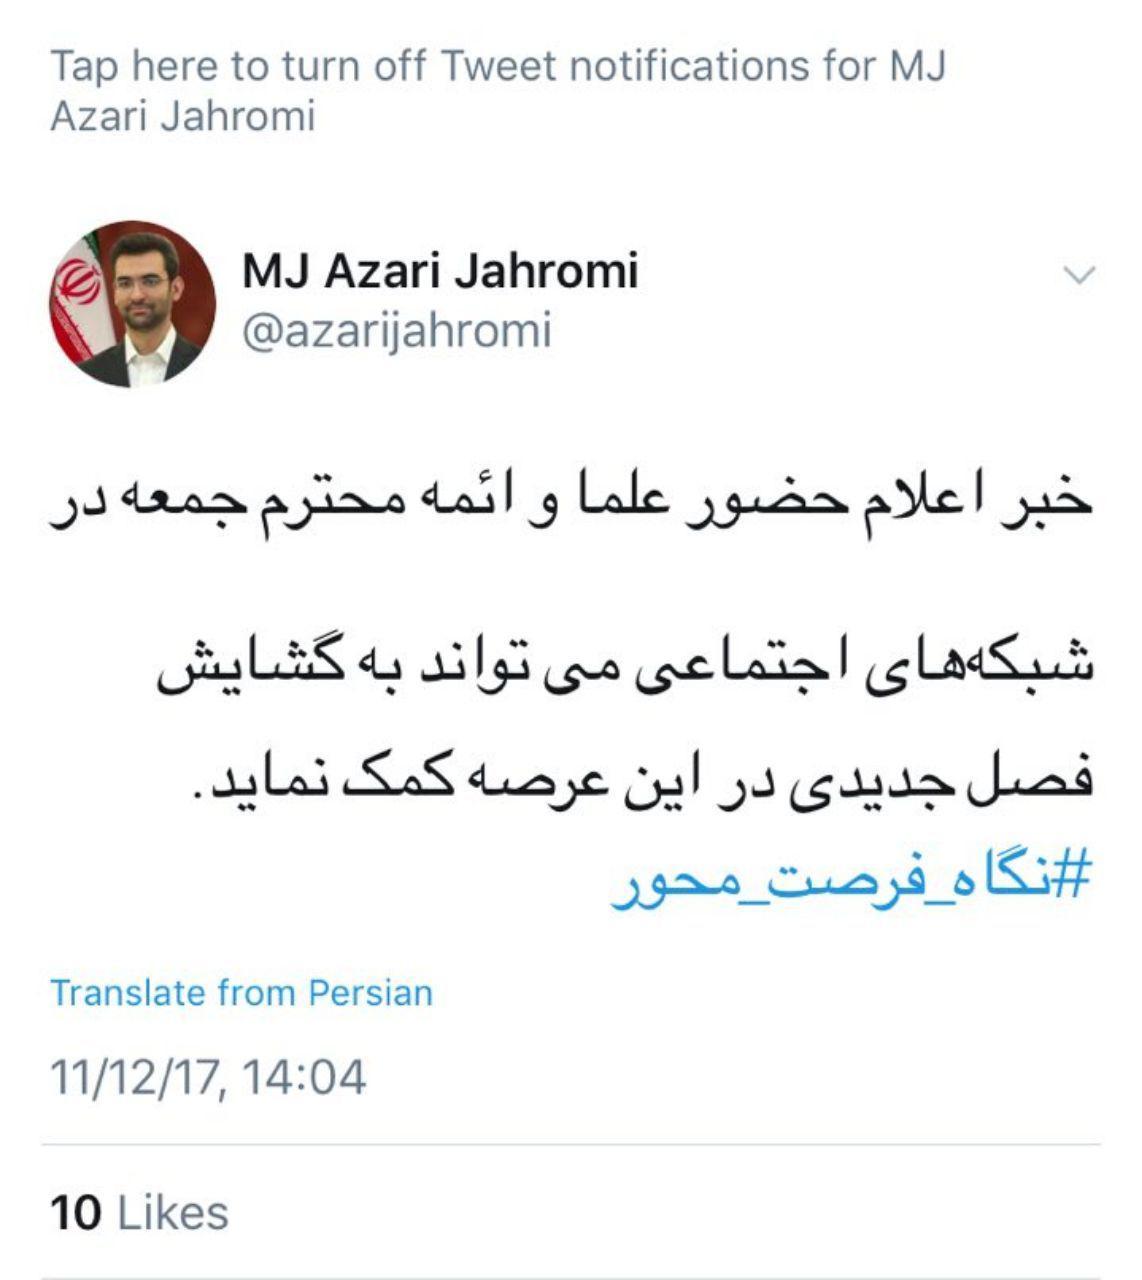 استقبال وزیر ارتباطات از حضور احمد خاتمی در توئیتر (عکس)